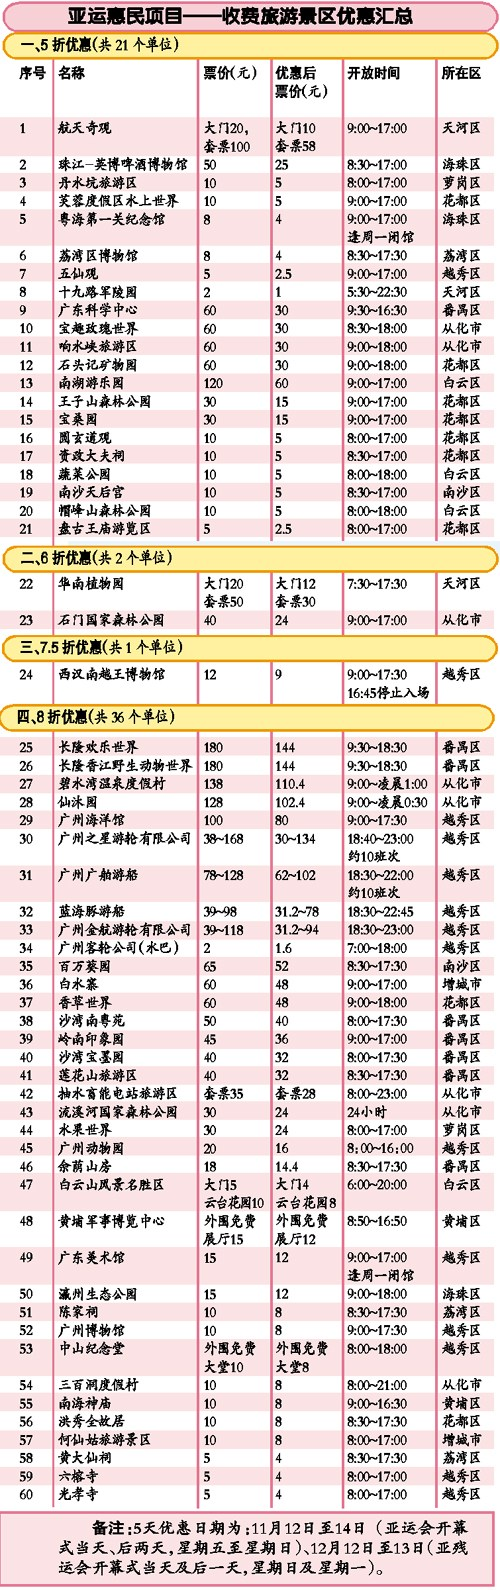 广州市内六十景区全线打折迎亚运 最低票价仅1元